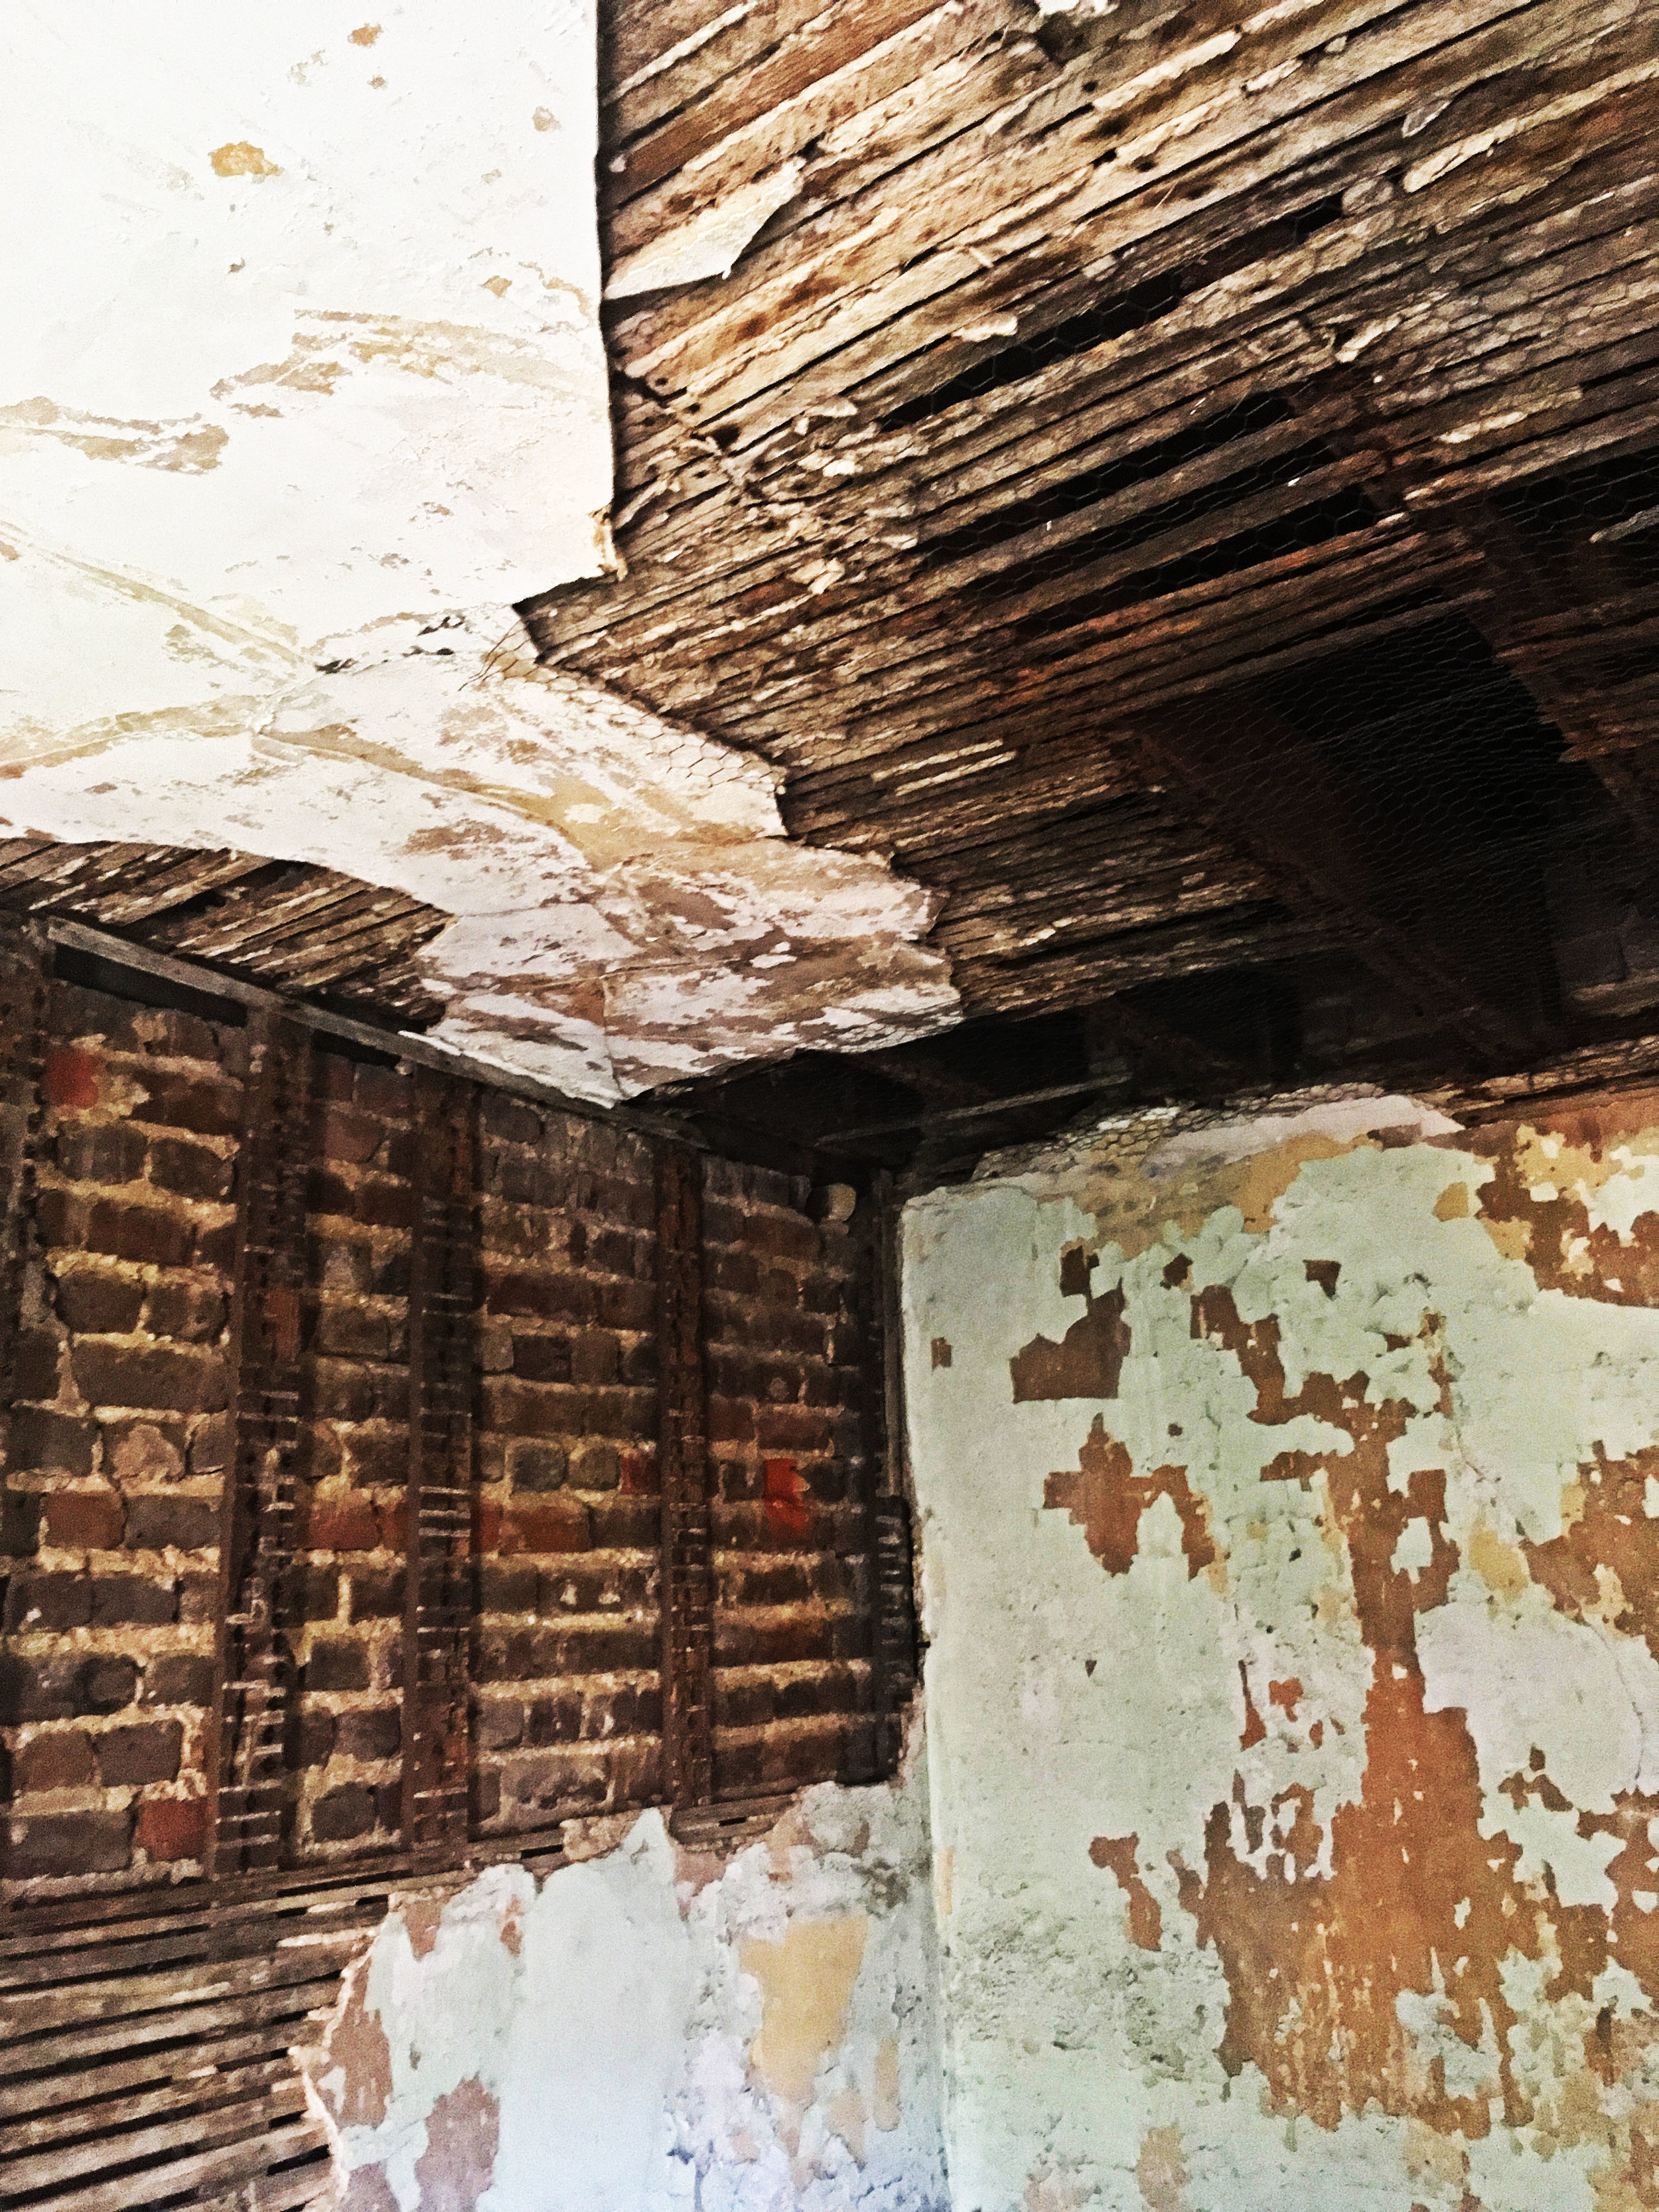 Aiken Rhett House Slave Quarters: Ceiling of first floor